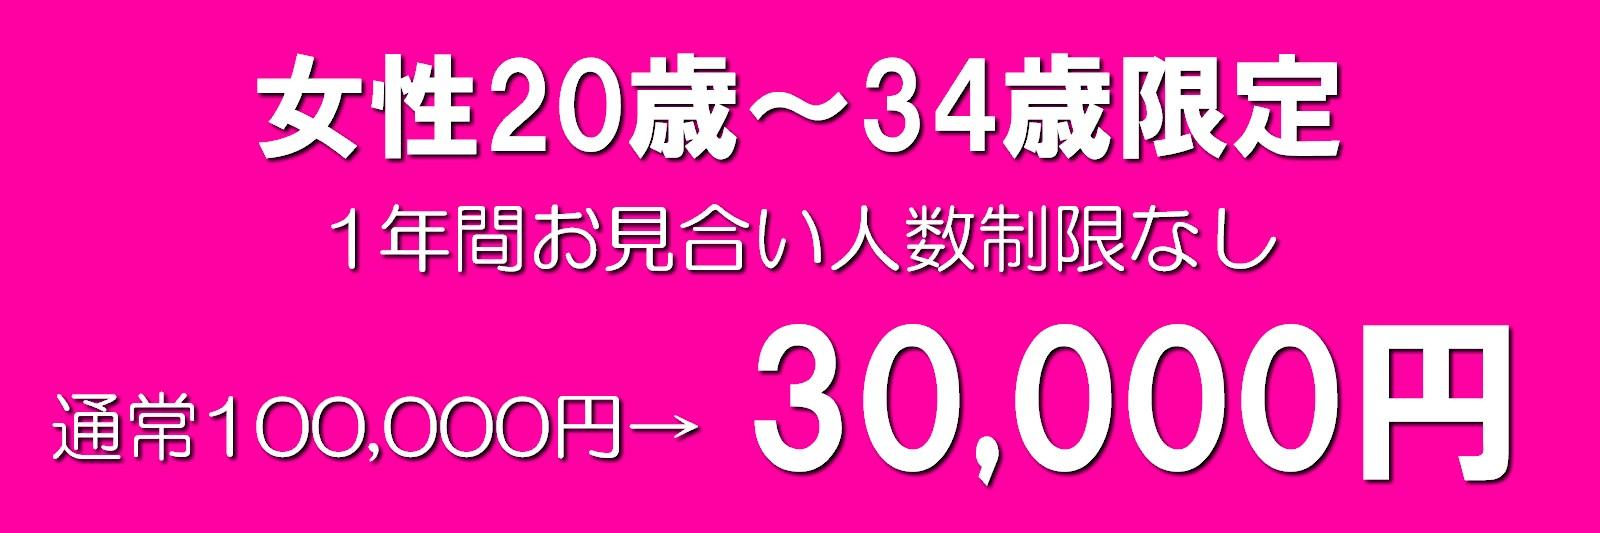 婚活女性20歳~34歳限定クーポン・1年間お見合い人数制限なし【32,400円】